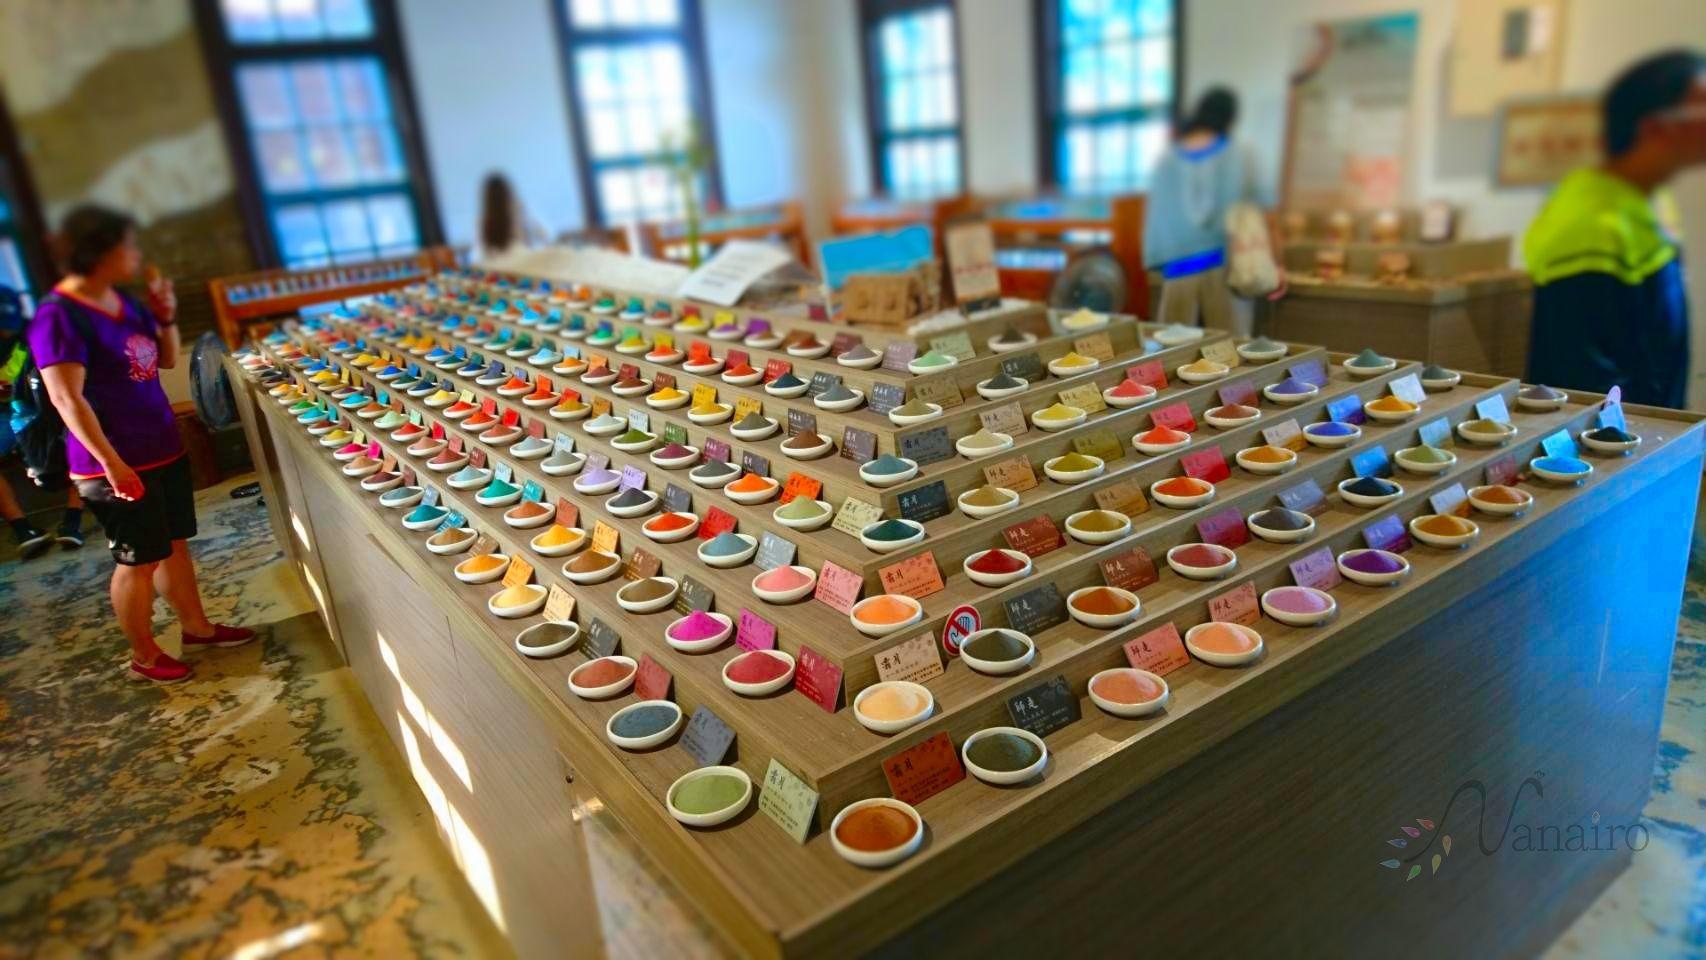 台湾のおすすめお土産 夕遊出張所の『366色誕生日塩』